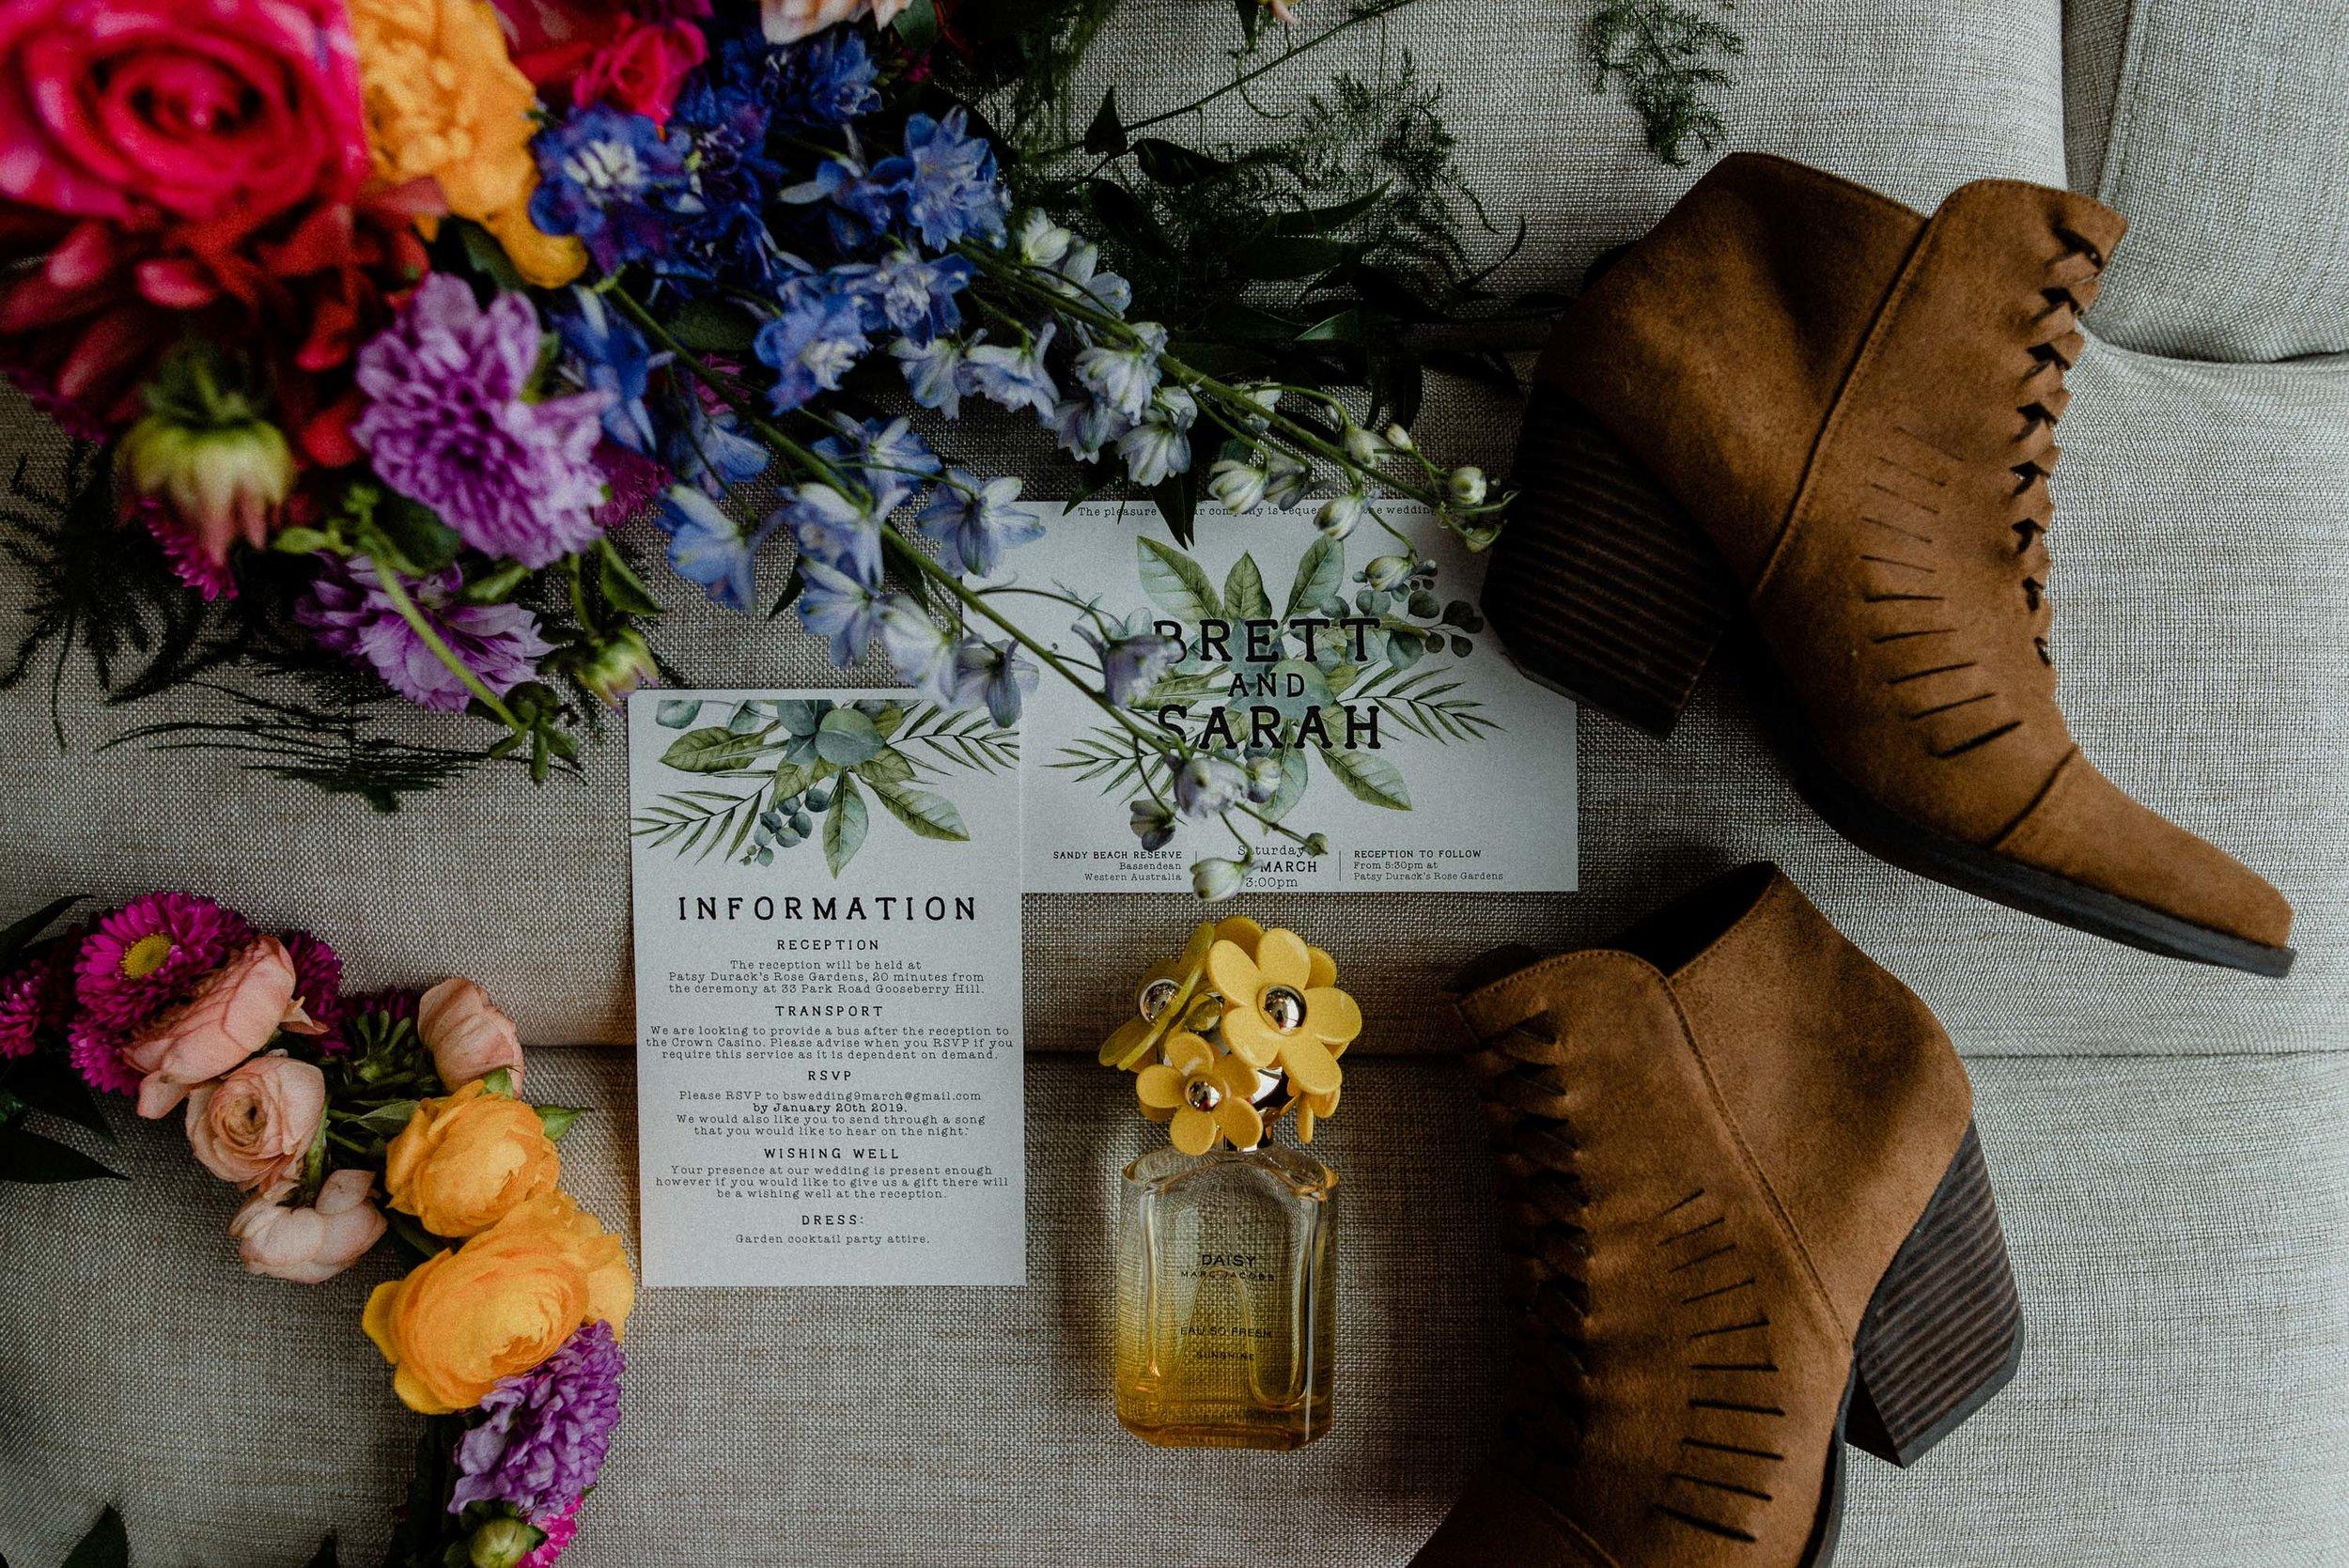 sarah-brett-wedding-patsy-duracks-rose-garden-1.JPG